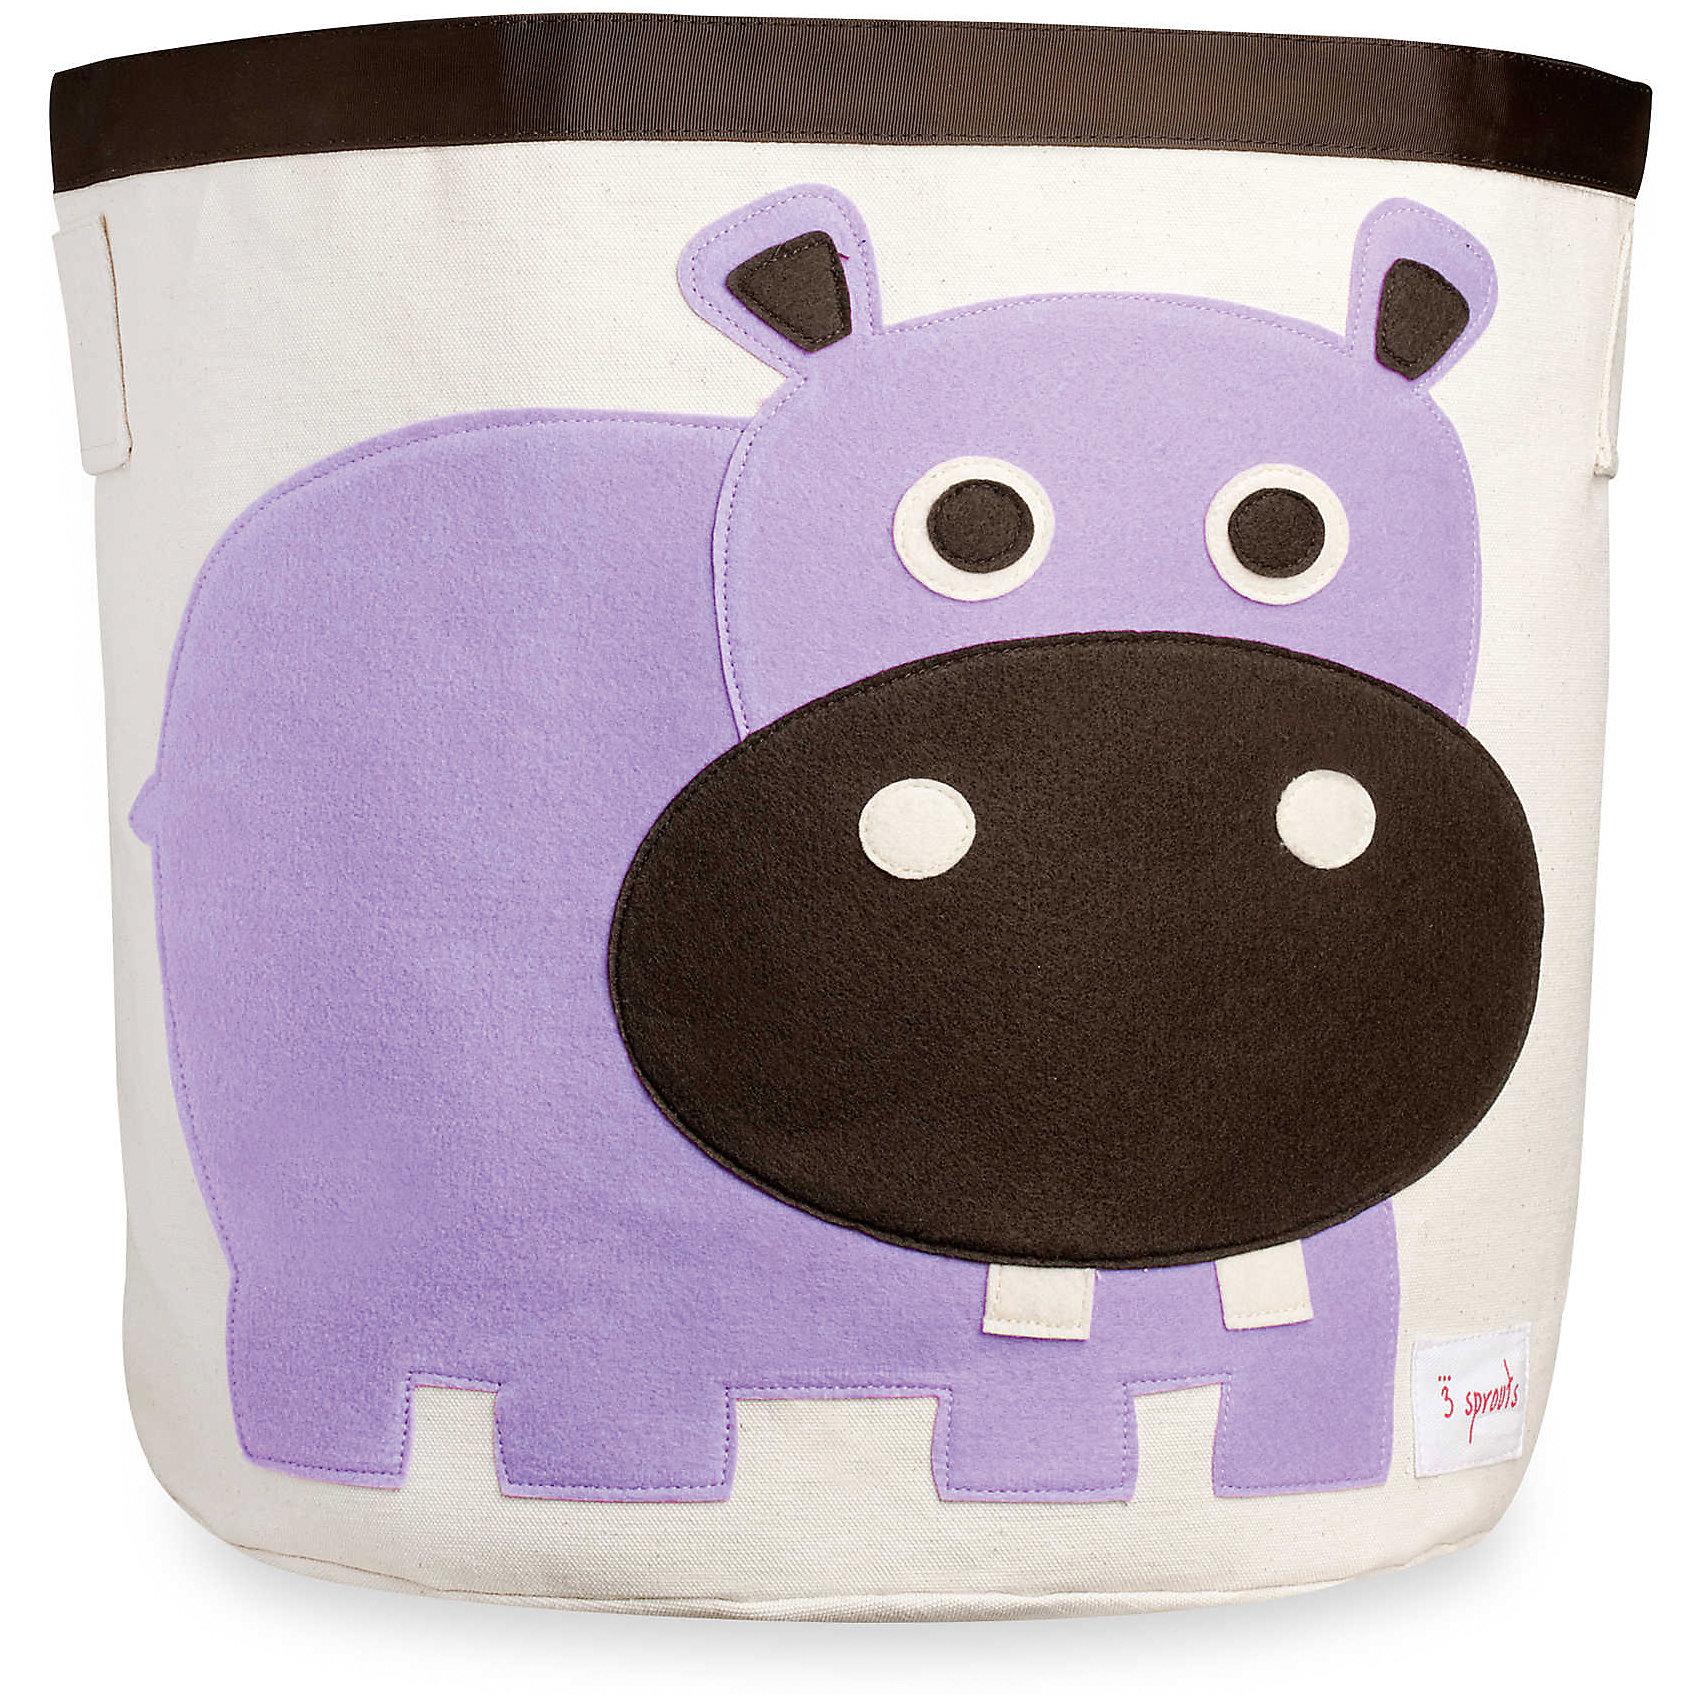 Корзина для хранения Бегемотик (Purple Hippo), 3 SproutsТакие милые корзины помогут Вам навести порядок в детской. Размер корзины позволяет хранить в ней игрушки или белье.  <br><br>Дополнительная информация:<br><br>- Размер полотенца: 44.5х43 см.<br>- Материал: <br>100% хлопковый брезент.<br>100% полиэстровая фетровая аппликация.<br>100% полиэтиленовое покрытие (внутри).<br><br>Купить корзину для хранения Бегемотик (Purple Hippo), можно в нашем магазине.<br><br>Ширина мм: 250<br>Глубина мм: 20<br>Высота мм: 450<br>Вес г: 526<br>Возраст от месяцев: 6<br>Возраст до месяцев: 84<br>Пол: Унисекс<br>Возраст: Детский<br>SKU: 5098207